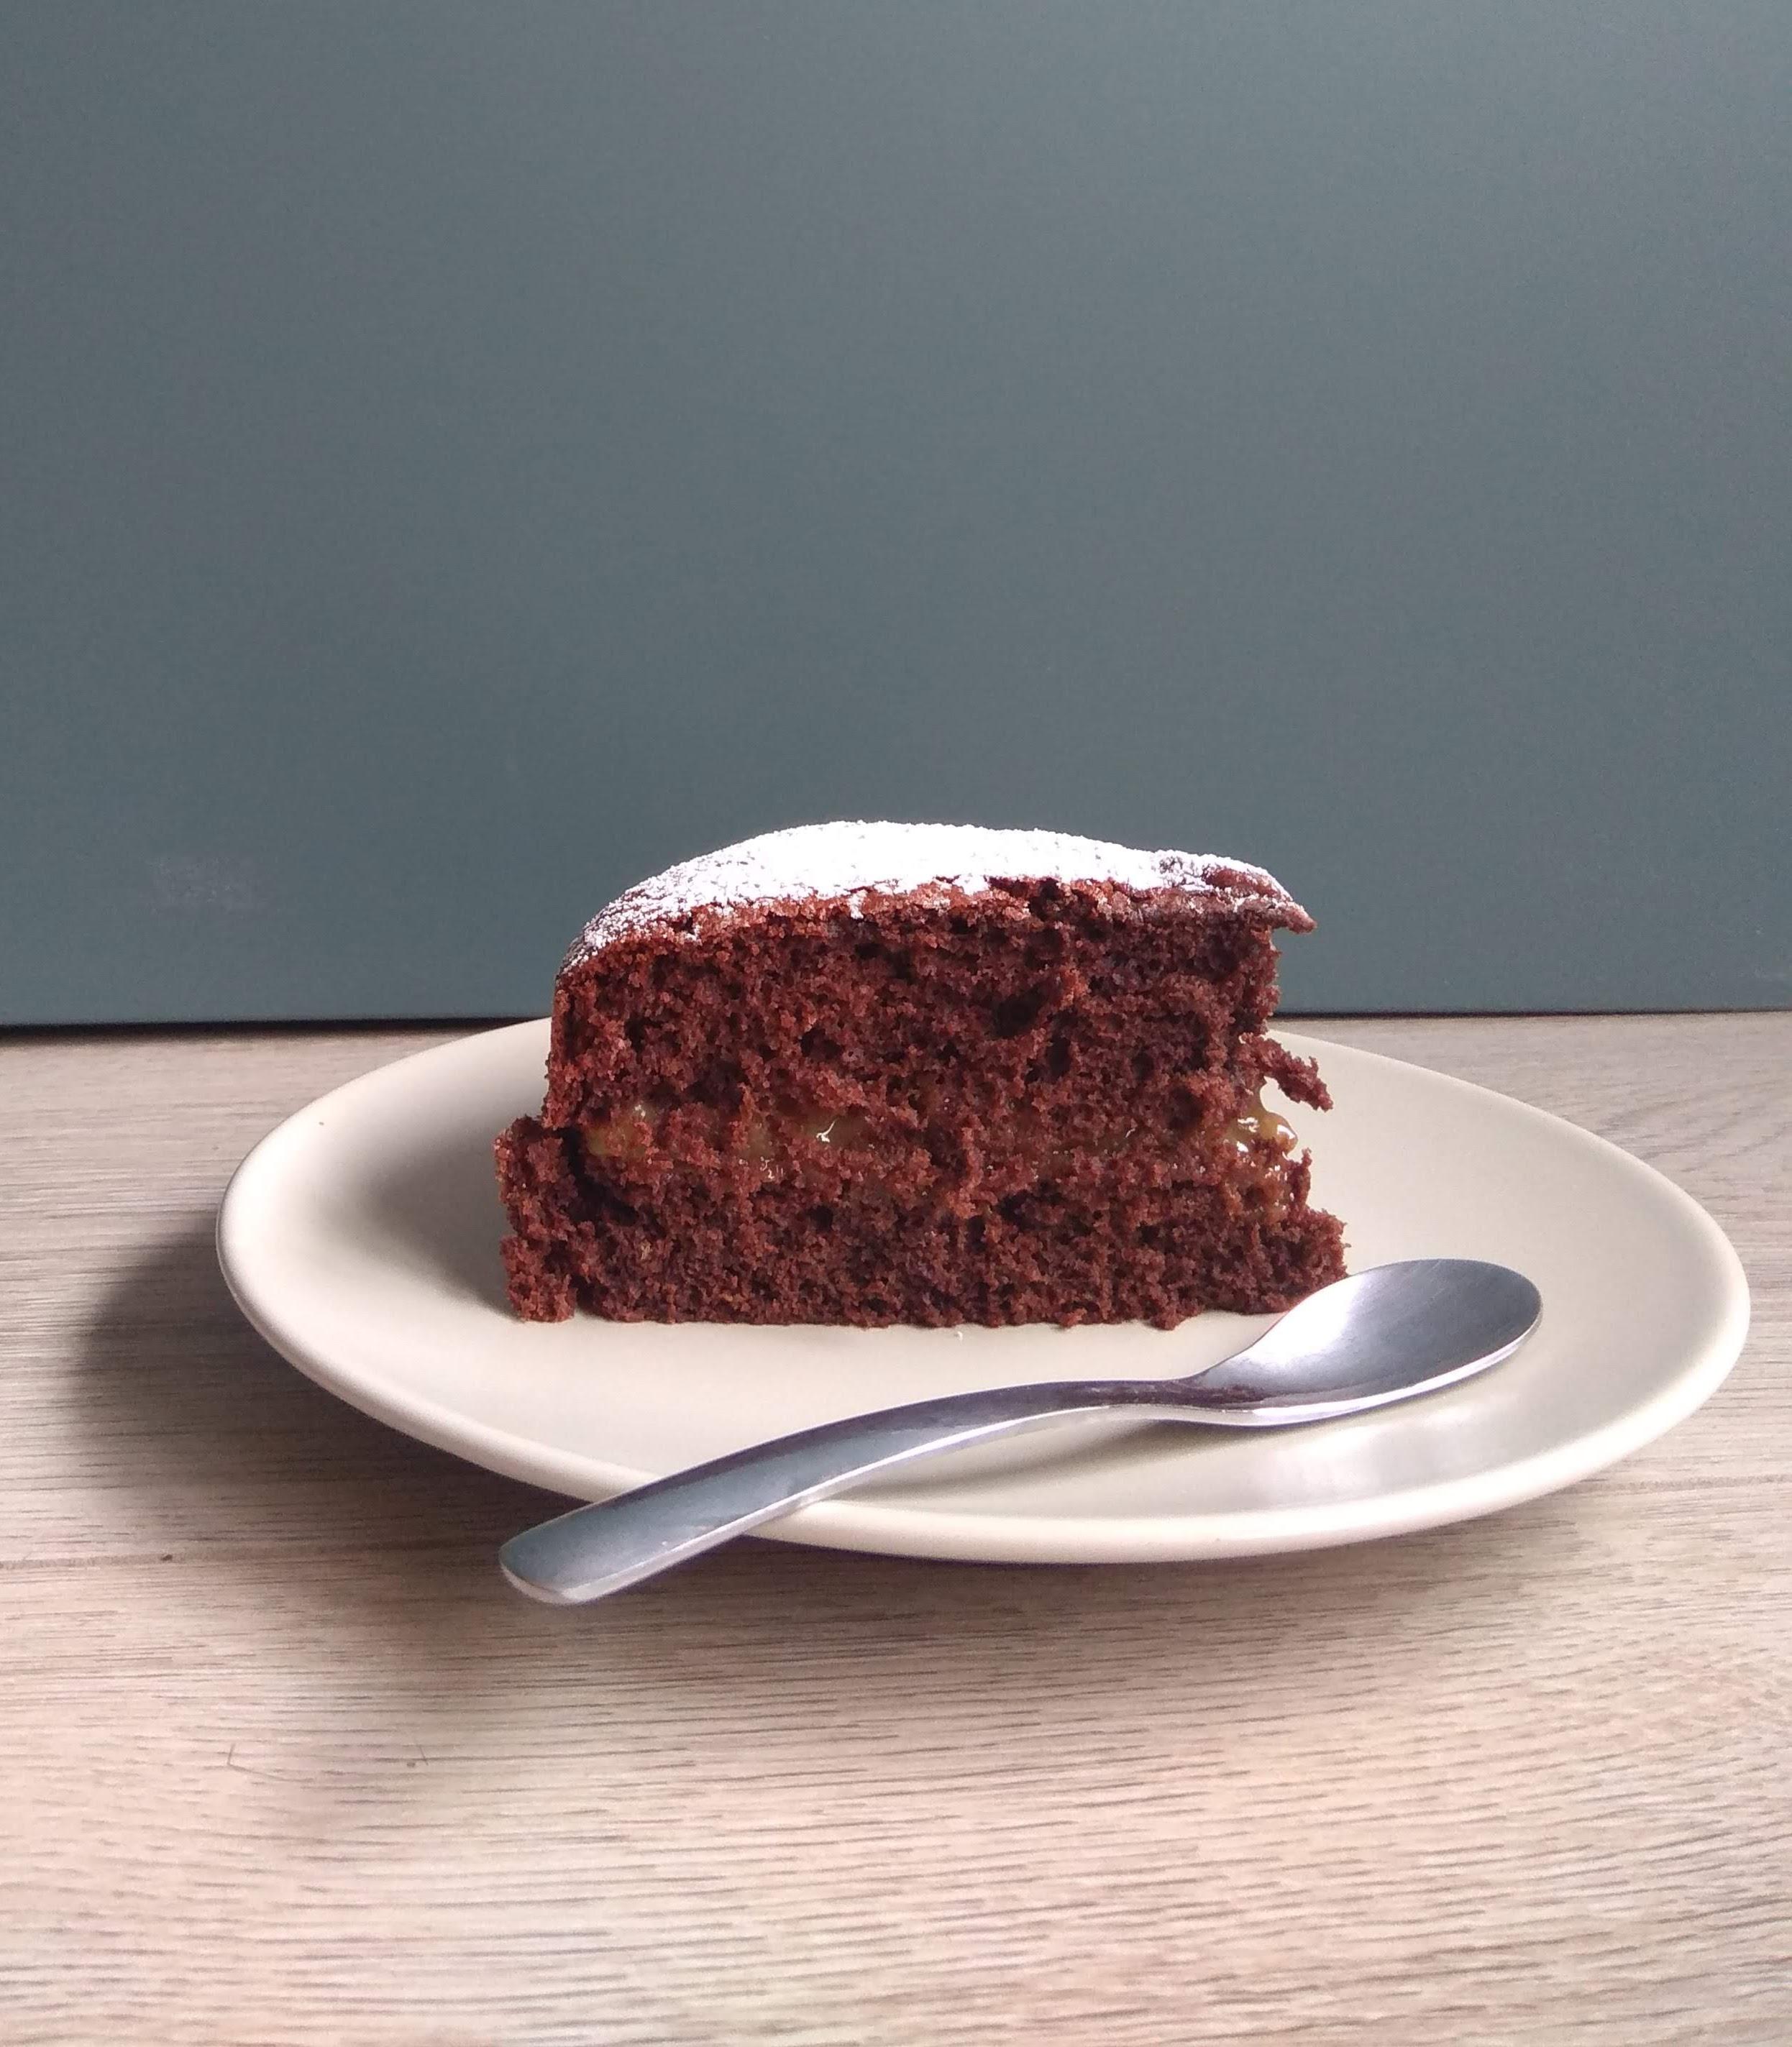 Receta fácil de bizcocho de chocolate y naranja. Descúbrela en: www.cocinandoconlola.com